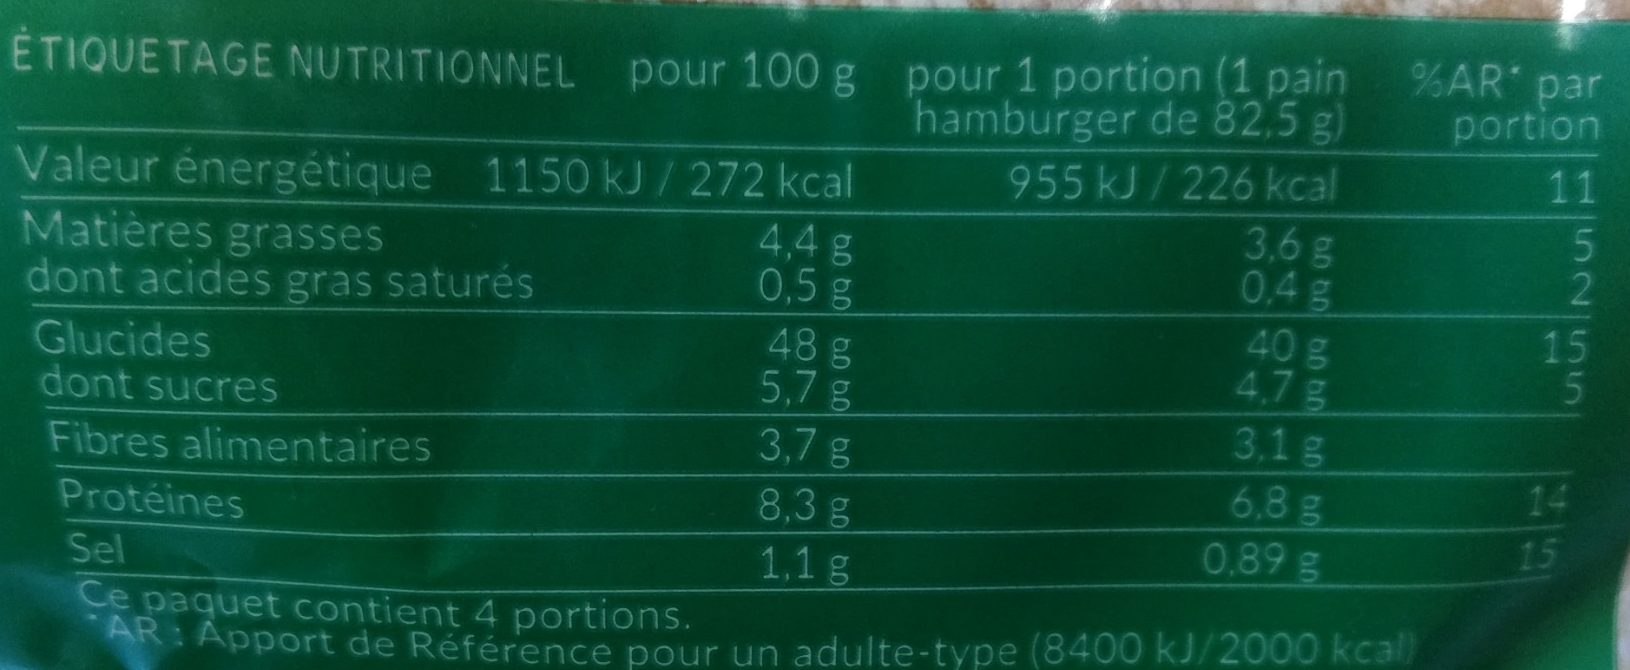 Géant - burger aux 3 graines - Valori nutrizionali - fr